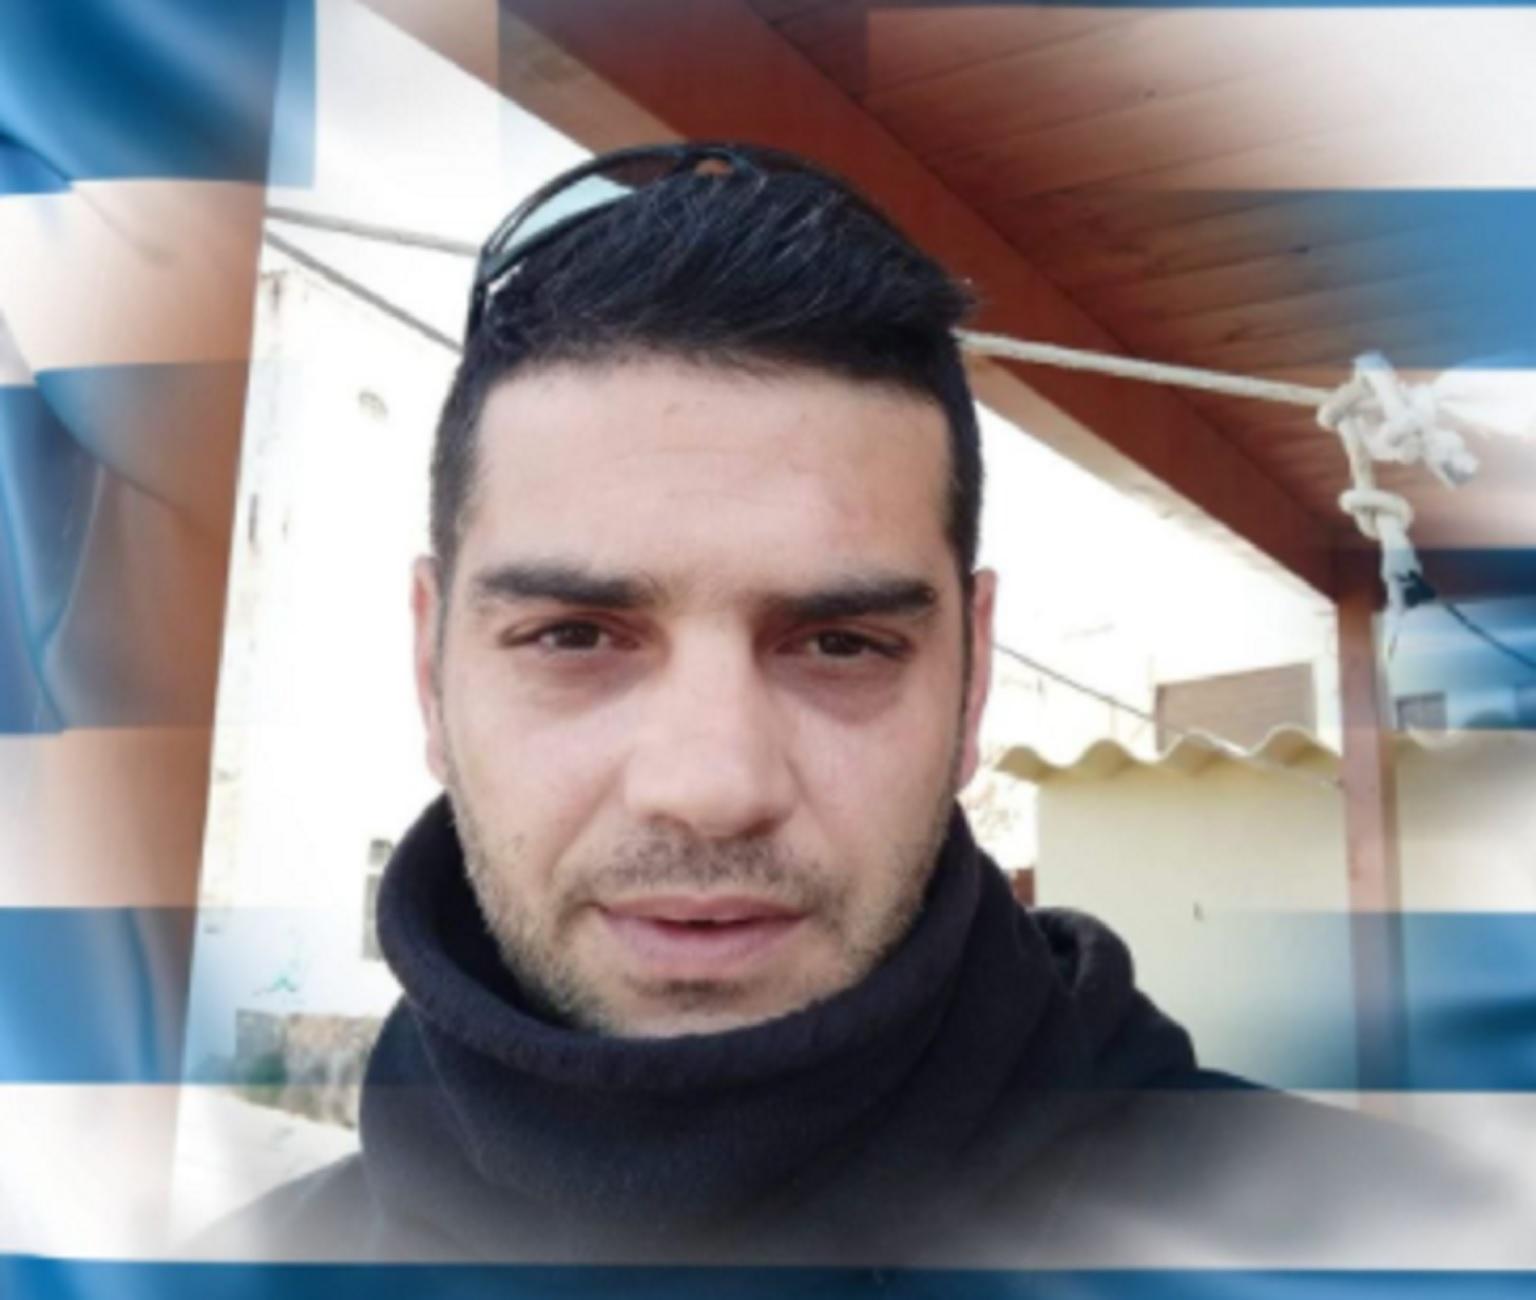 Κρήτη: Θρήνος για τον αστυνομικό που πέθανε στην εντατική – Το σπαρακτικό μήνυμα συναδέλφων του (pic)